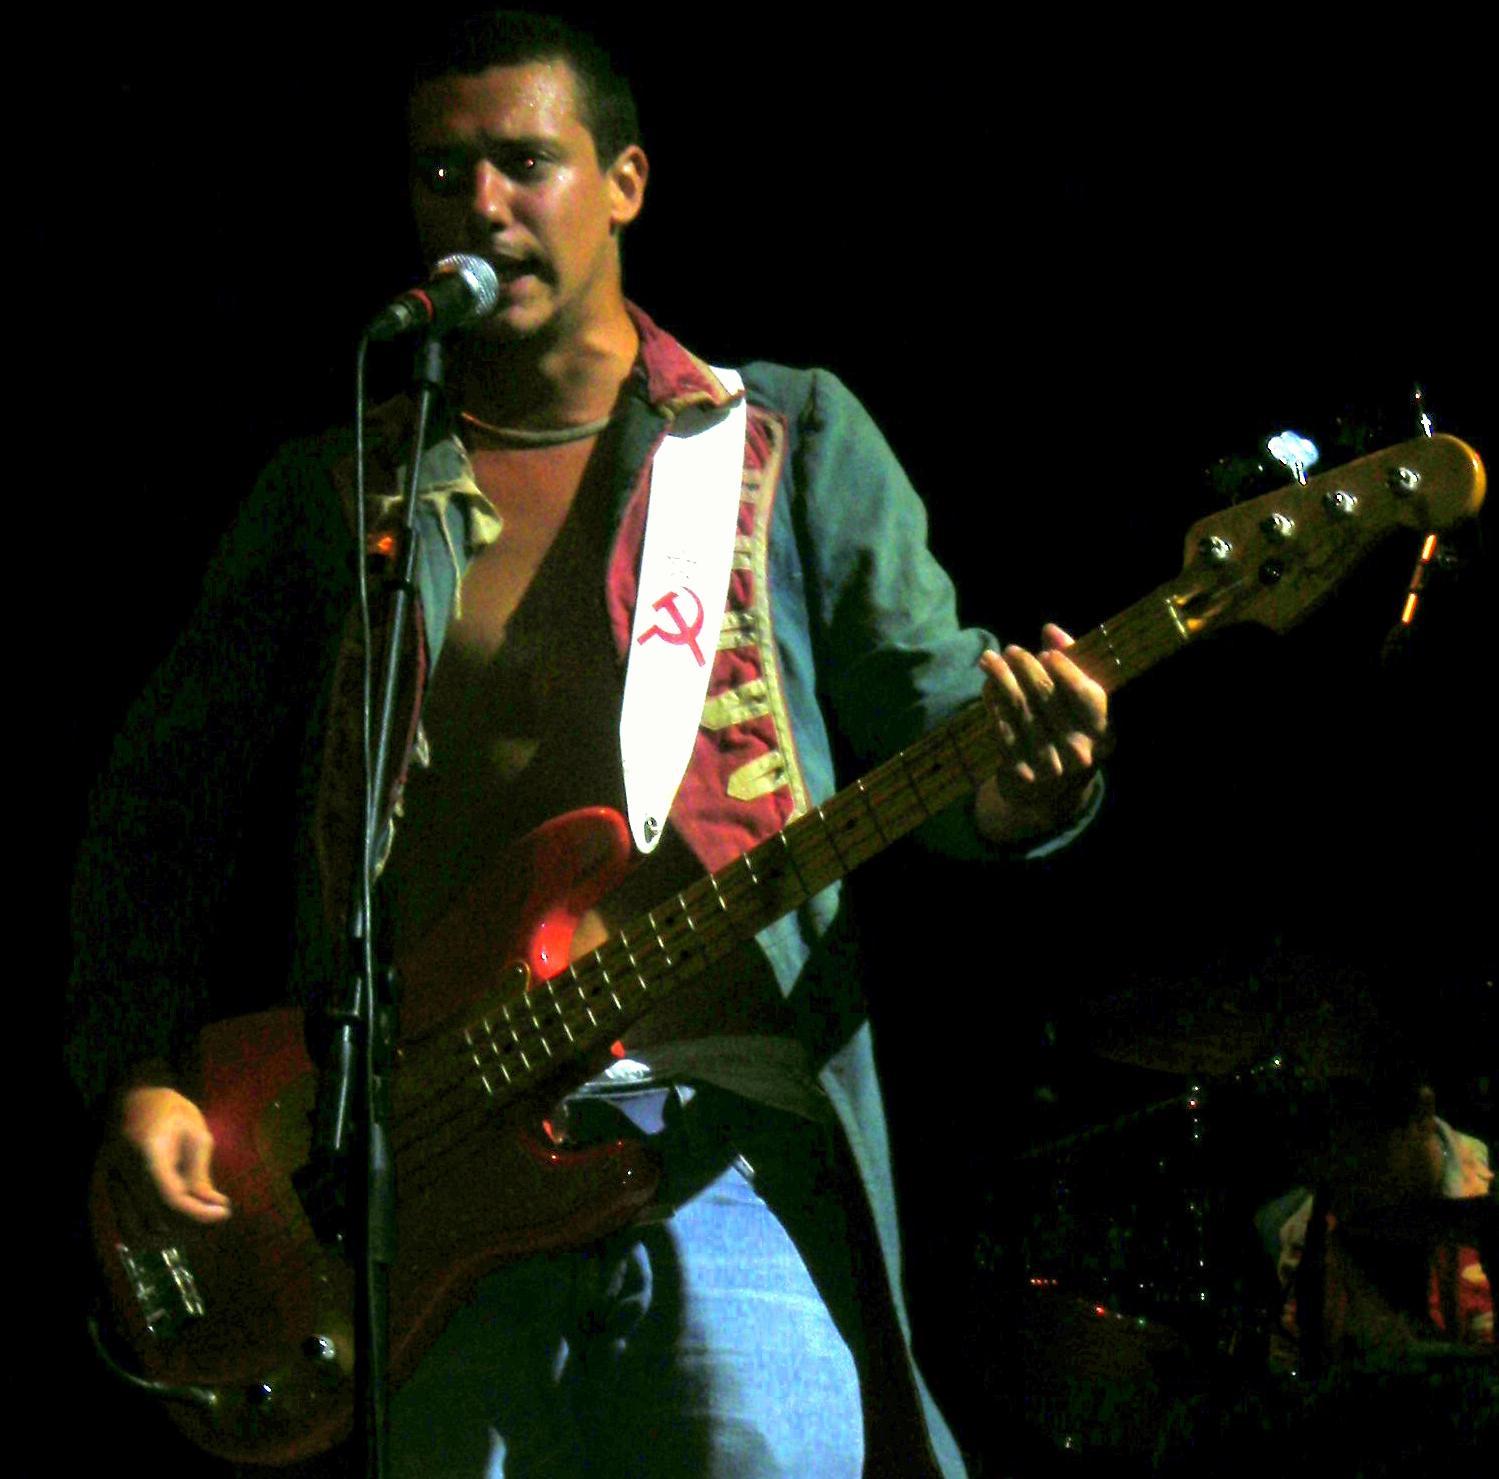 foto via redkiteband.blogspot.it - Libri scritti da musicisti: parliamone.